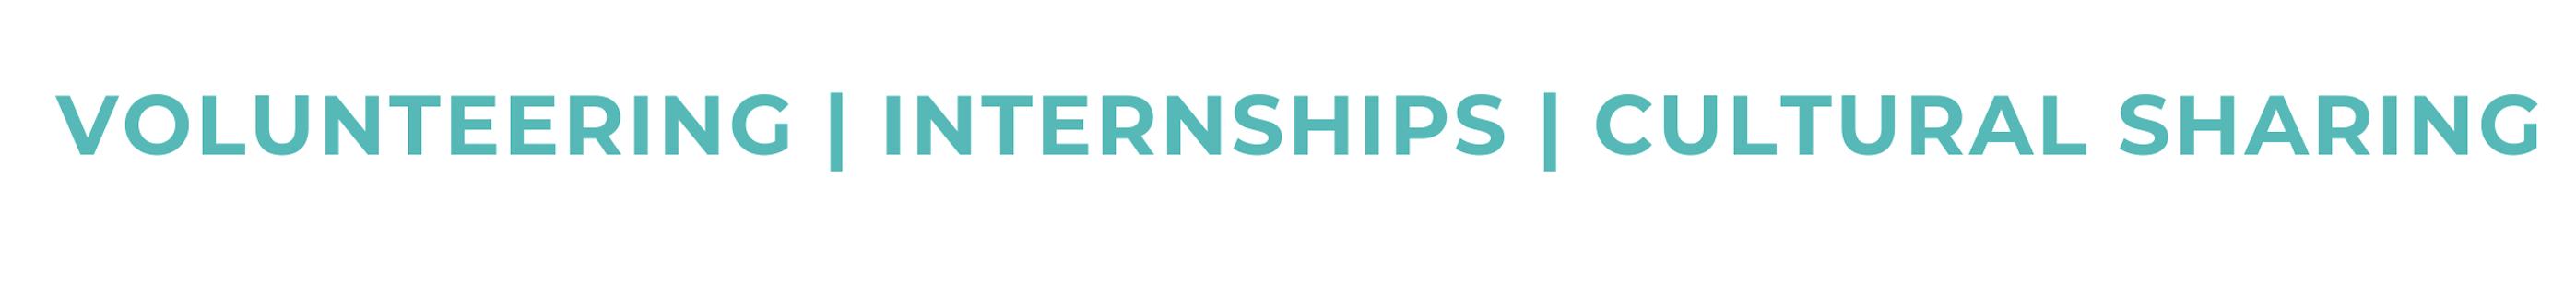 Volunteering   internships   cultural sharing at inter cultural education